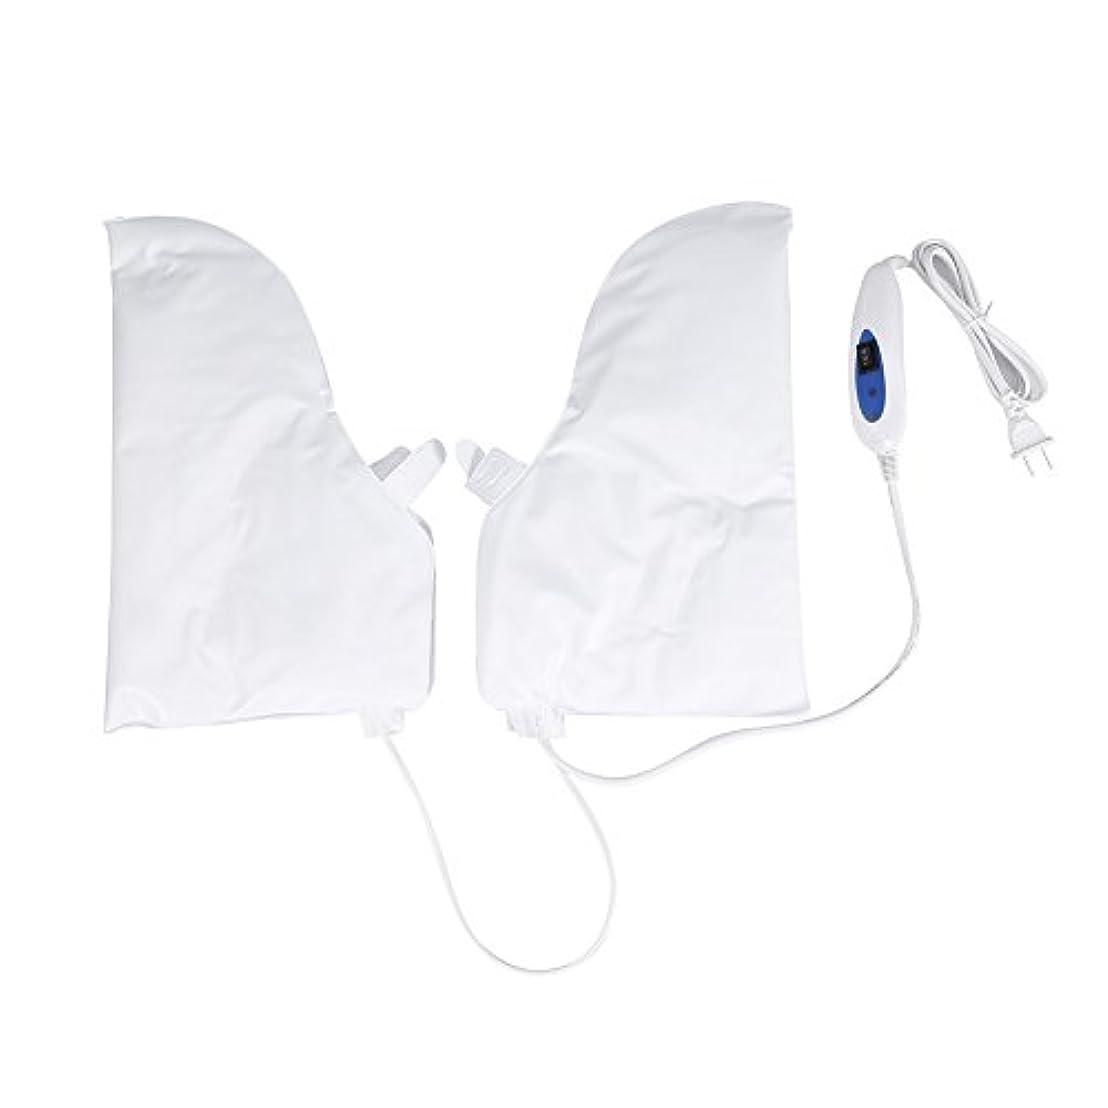 飼いならすすり仮称蒸し手袋 ハンドマスク 保湿グローブ 電熱手袋 ヒートグローブ 加熱式 電熱 手ケア ハンドケア 2つ加熱モード 乾燥対策 手荒れ対策 補水 保湿 美白 しっとり 美容 手袋